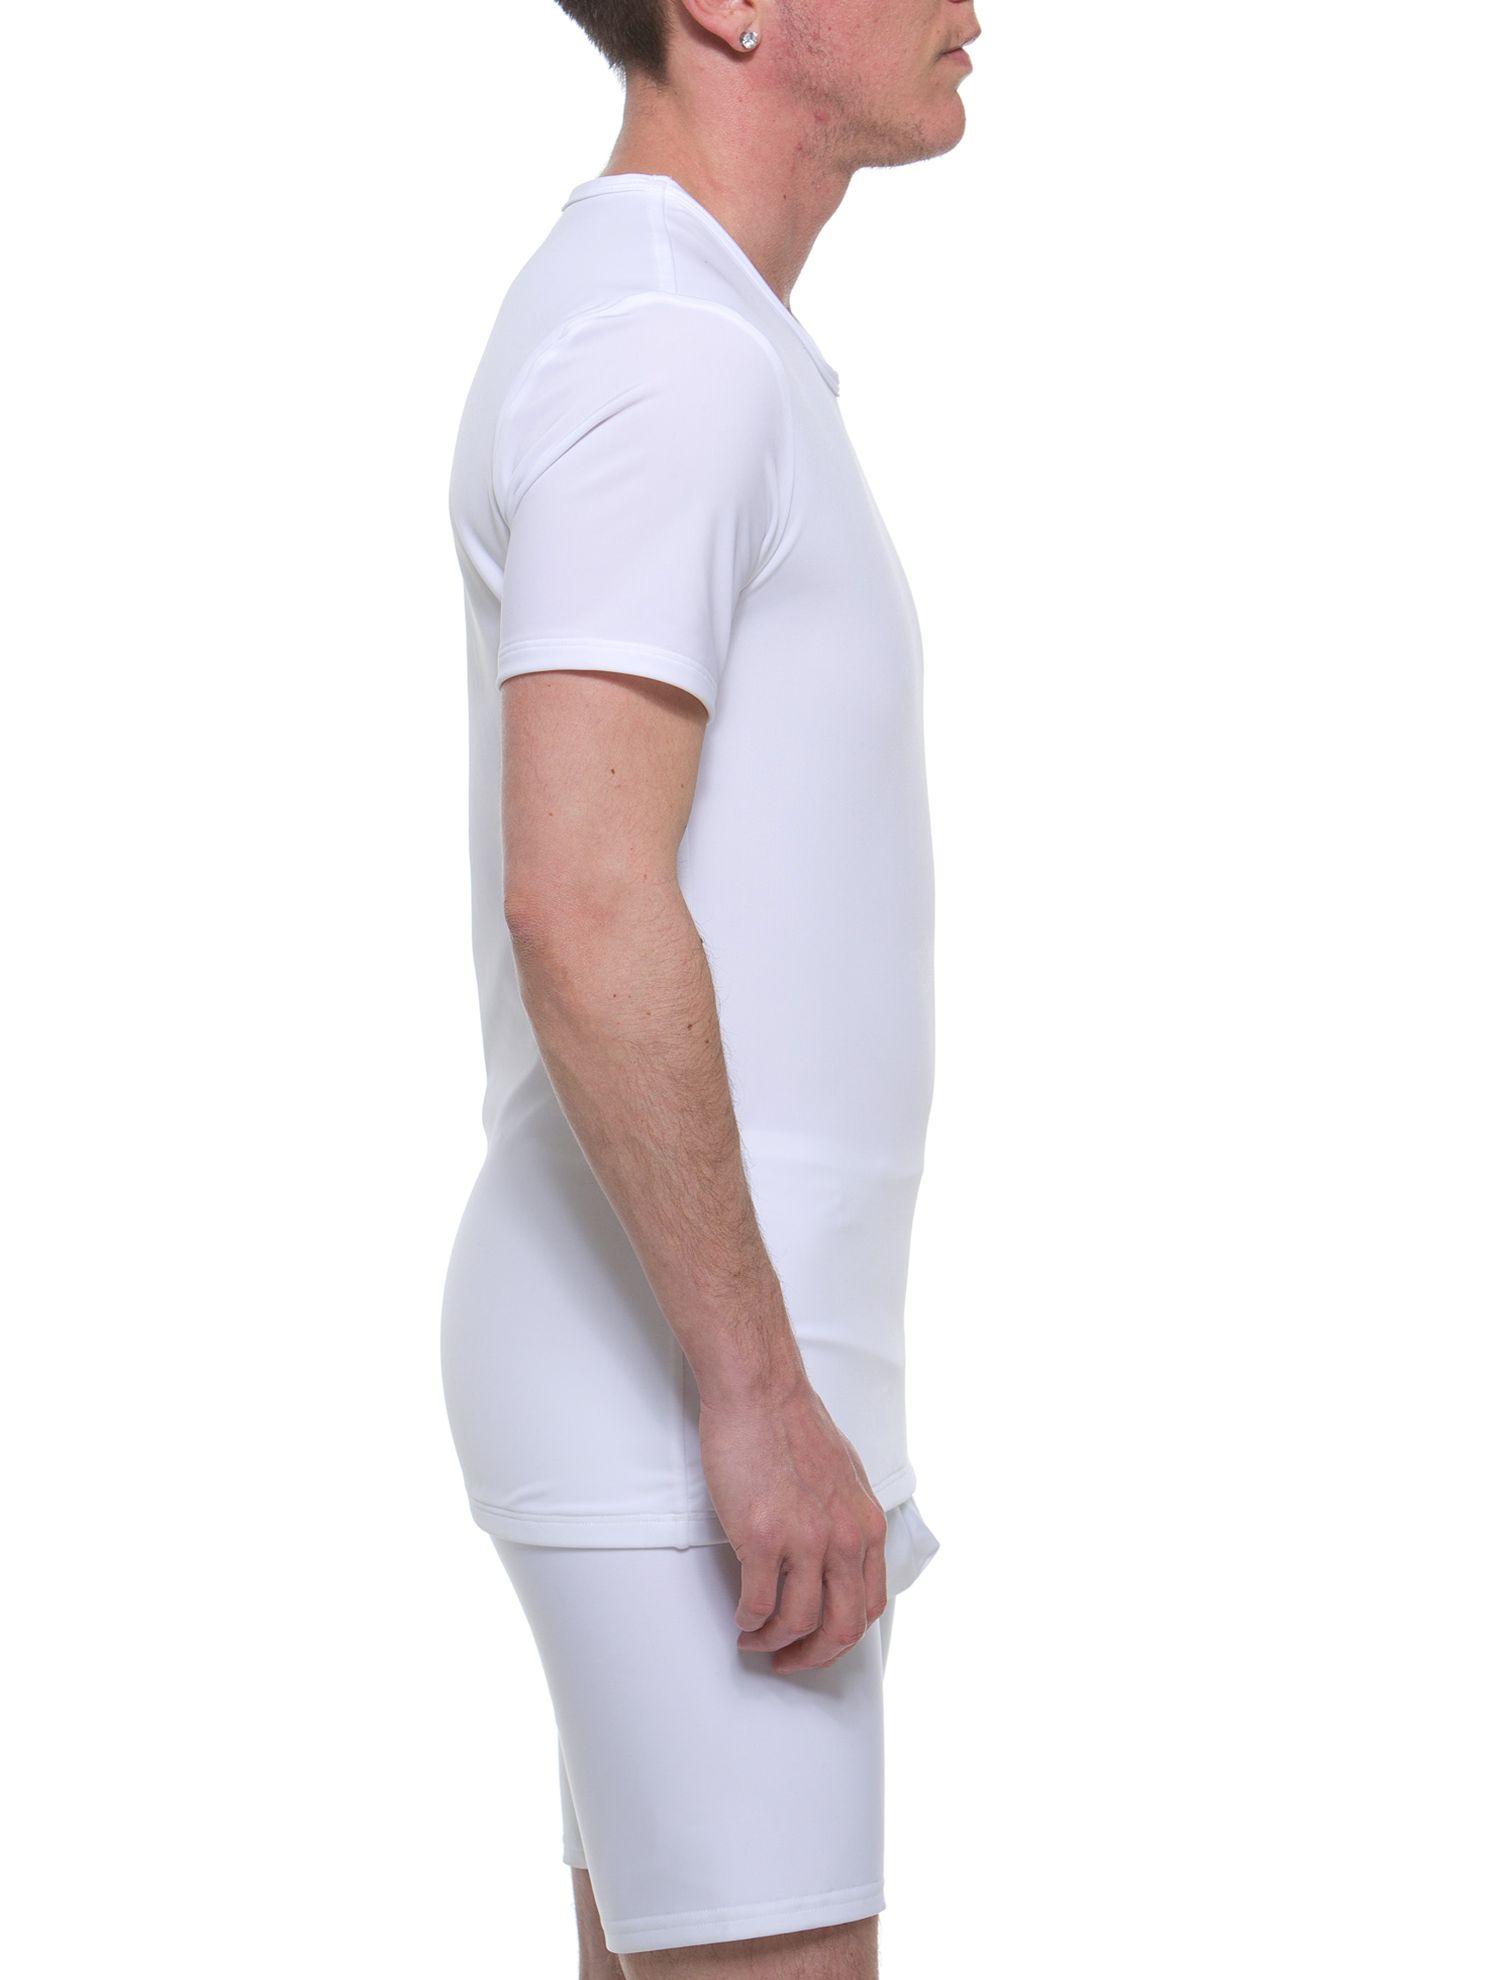 Underworks FTM Compression Body Shirt for transgboy